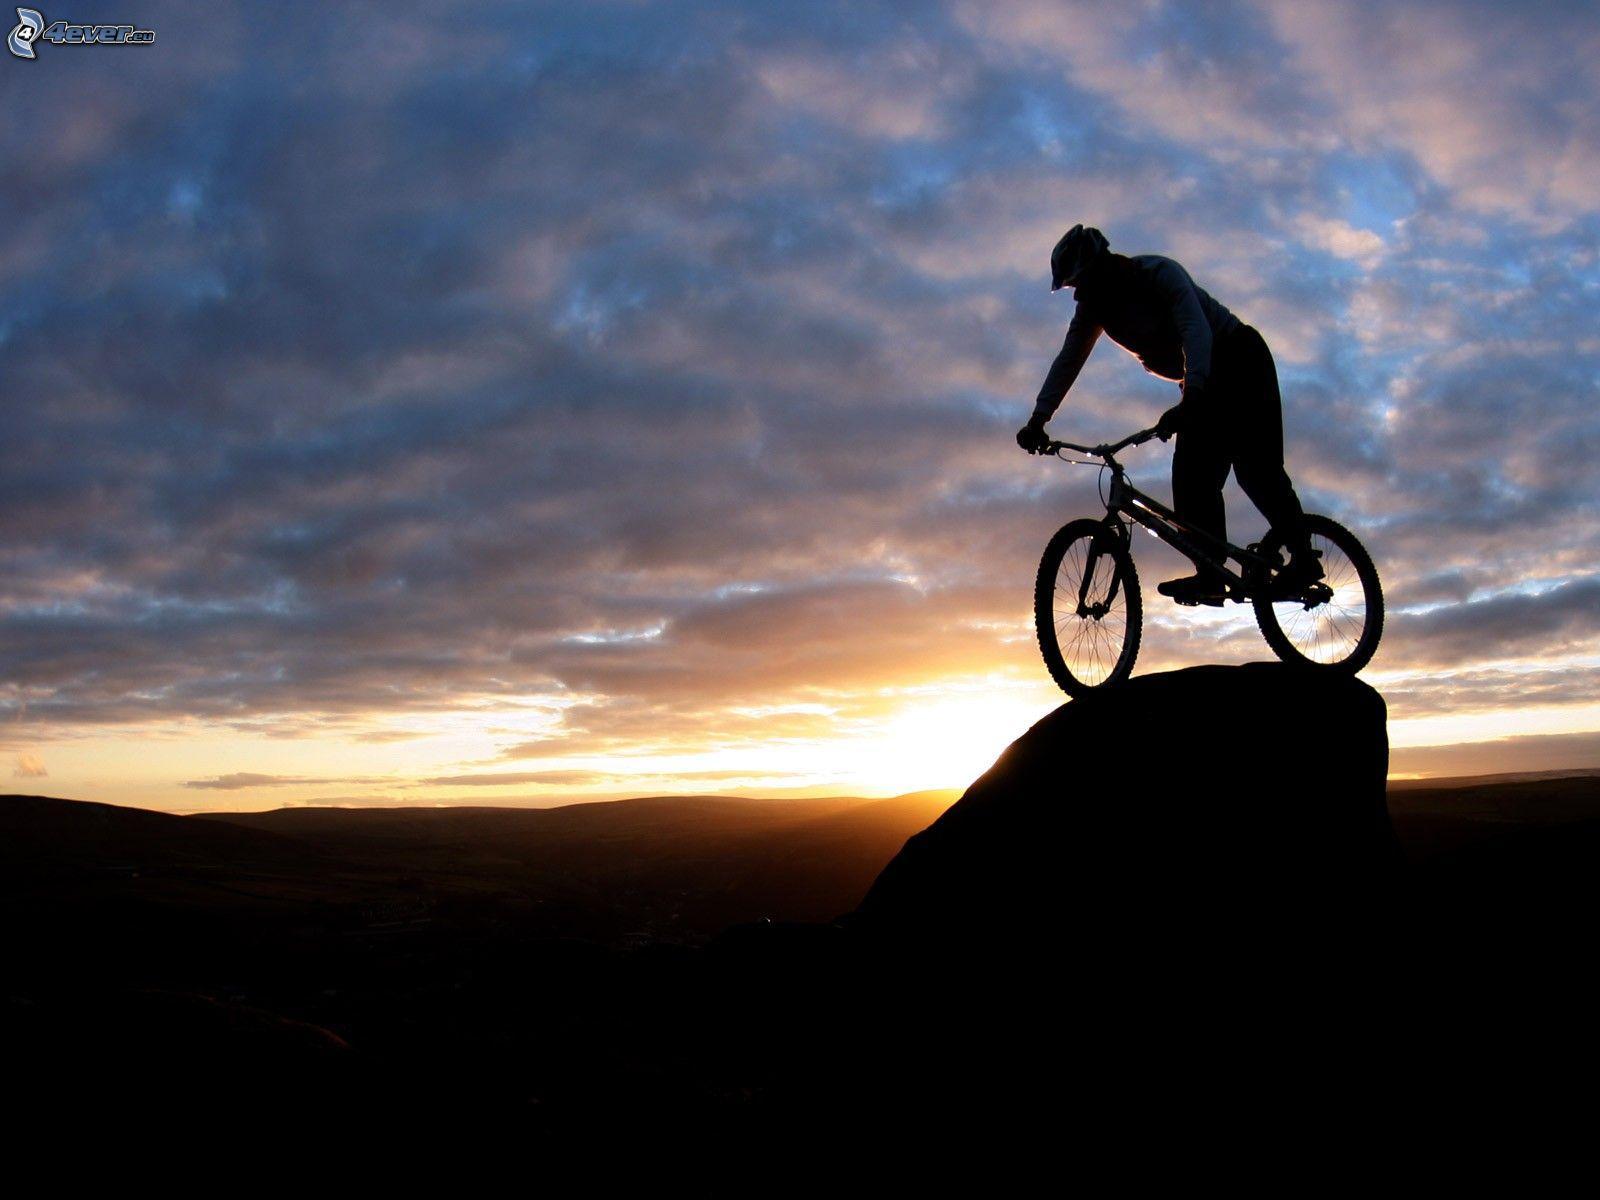 Equilibrio sobre la bicicleta